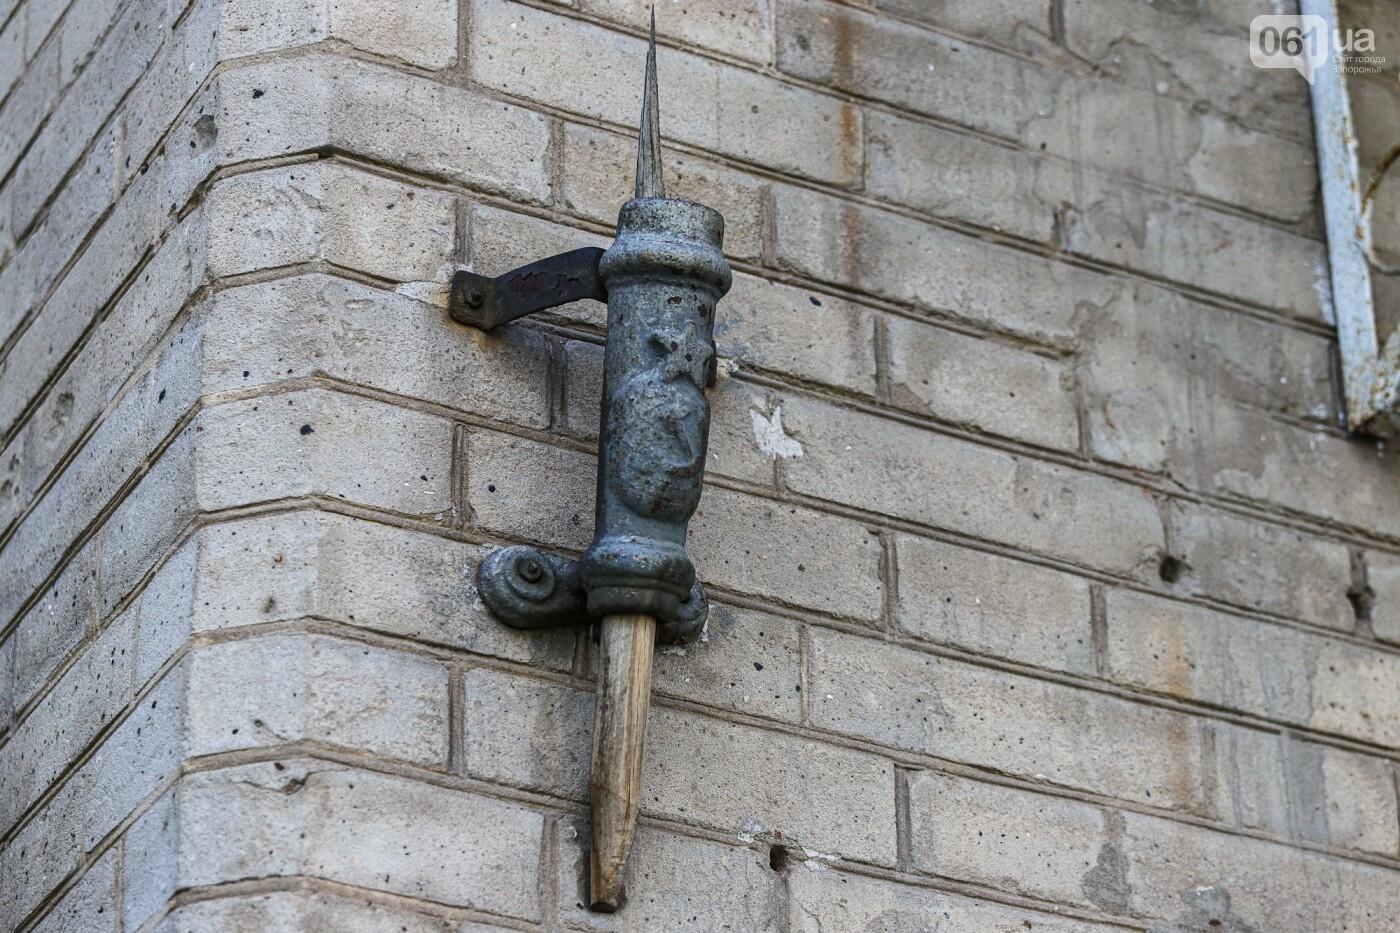 Памятники Старого Александровска: как сейчас выглядит здание первой в городе электростанции, - ФОТО, фото-27